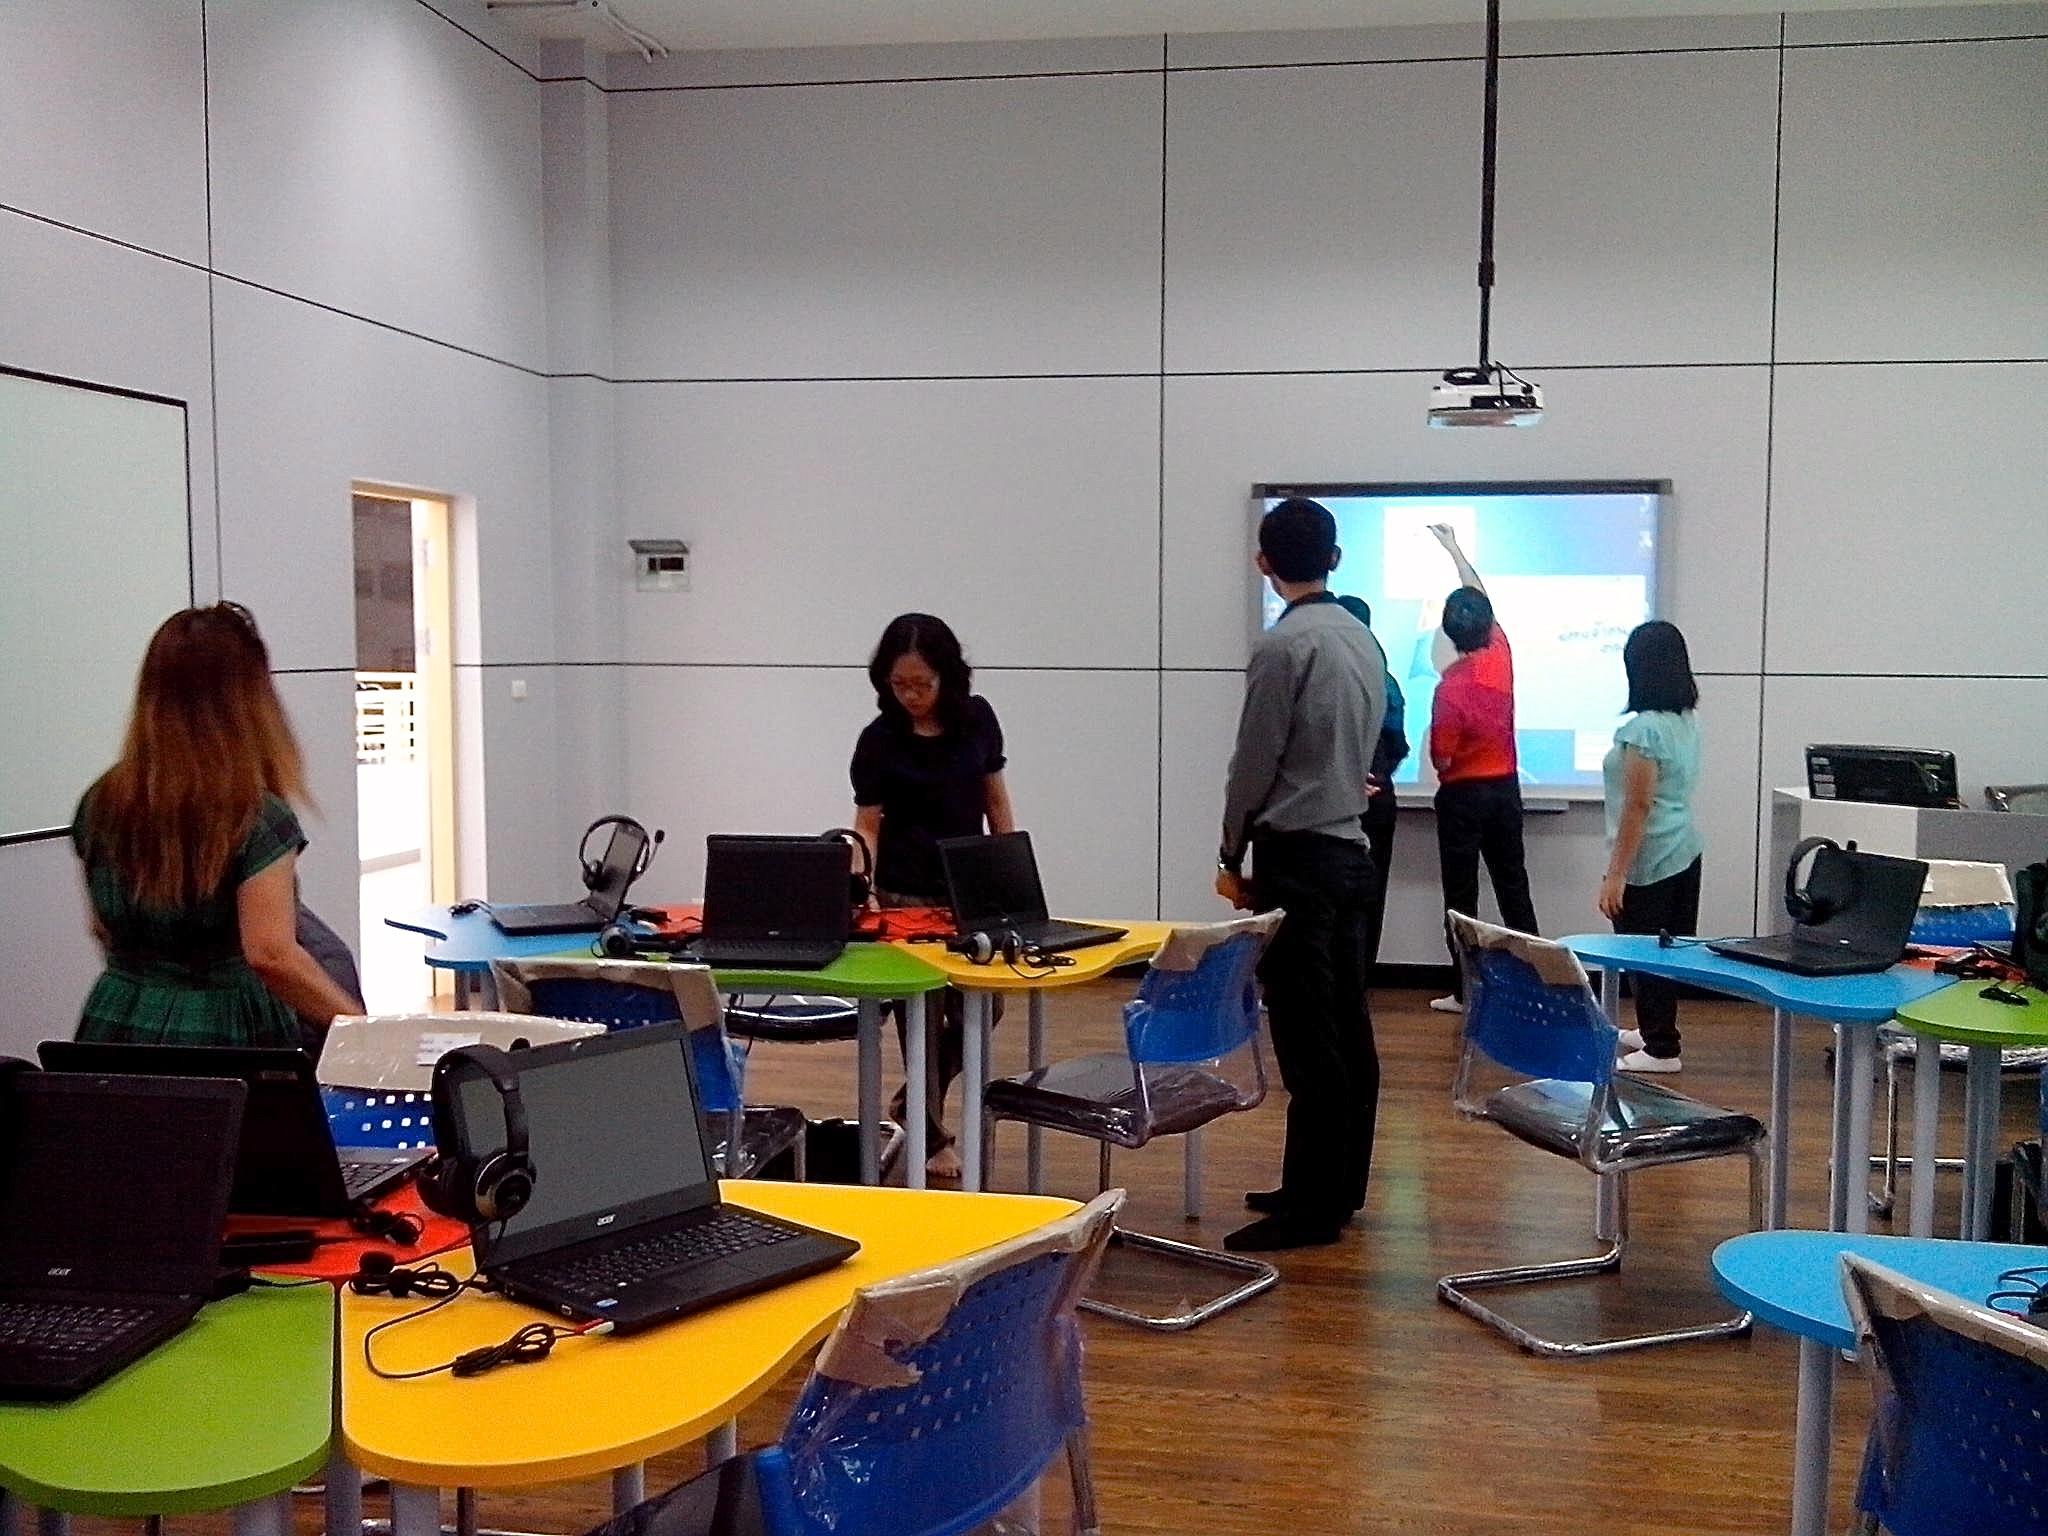 งานวิทยบริการฯ เขตพื้นที่เชียงราย เข้าร่วมอบรมการใช้ห้องปฏิบ้ติการเสริมทักษะการเรียนรู้ด้วยตนเอง